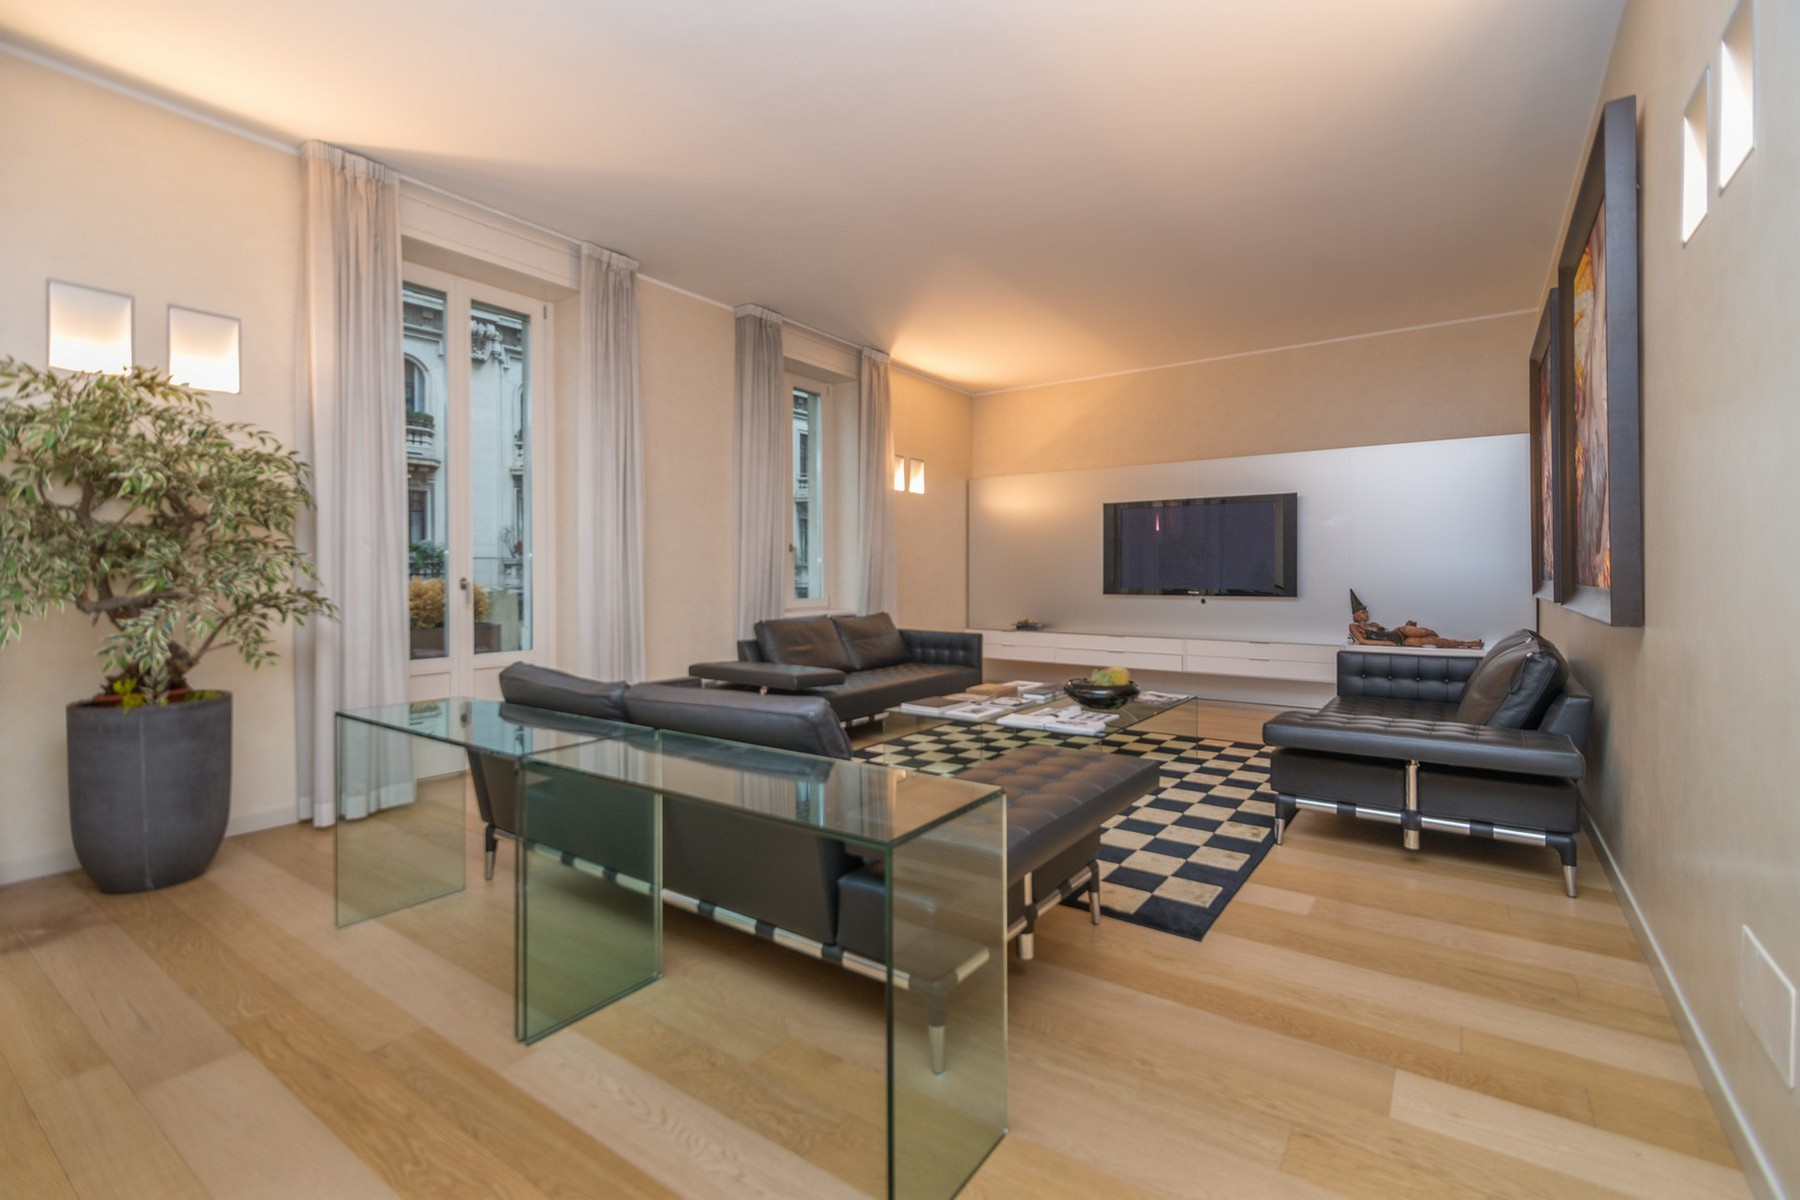 Appartamento in Vendita a Milano corso venezia